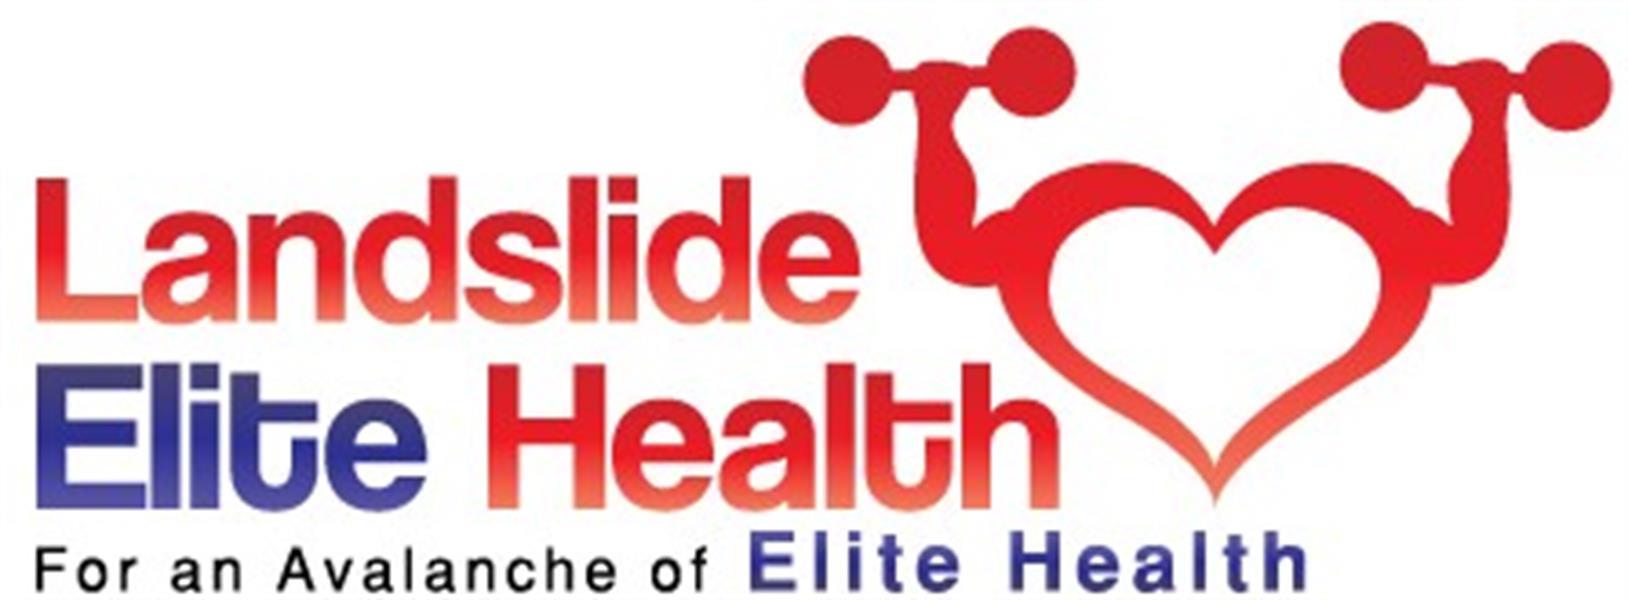 Landslide Elite Health